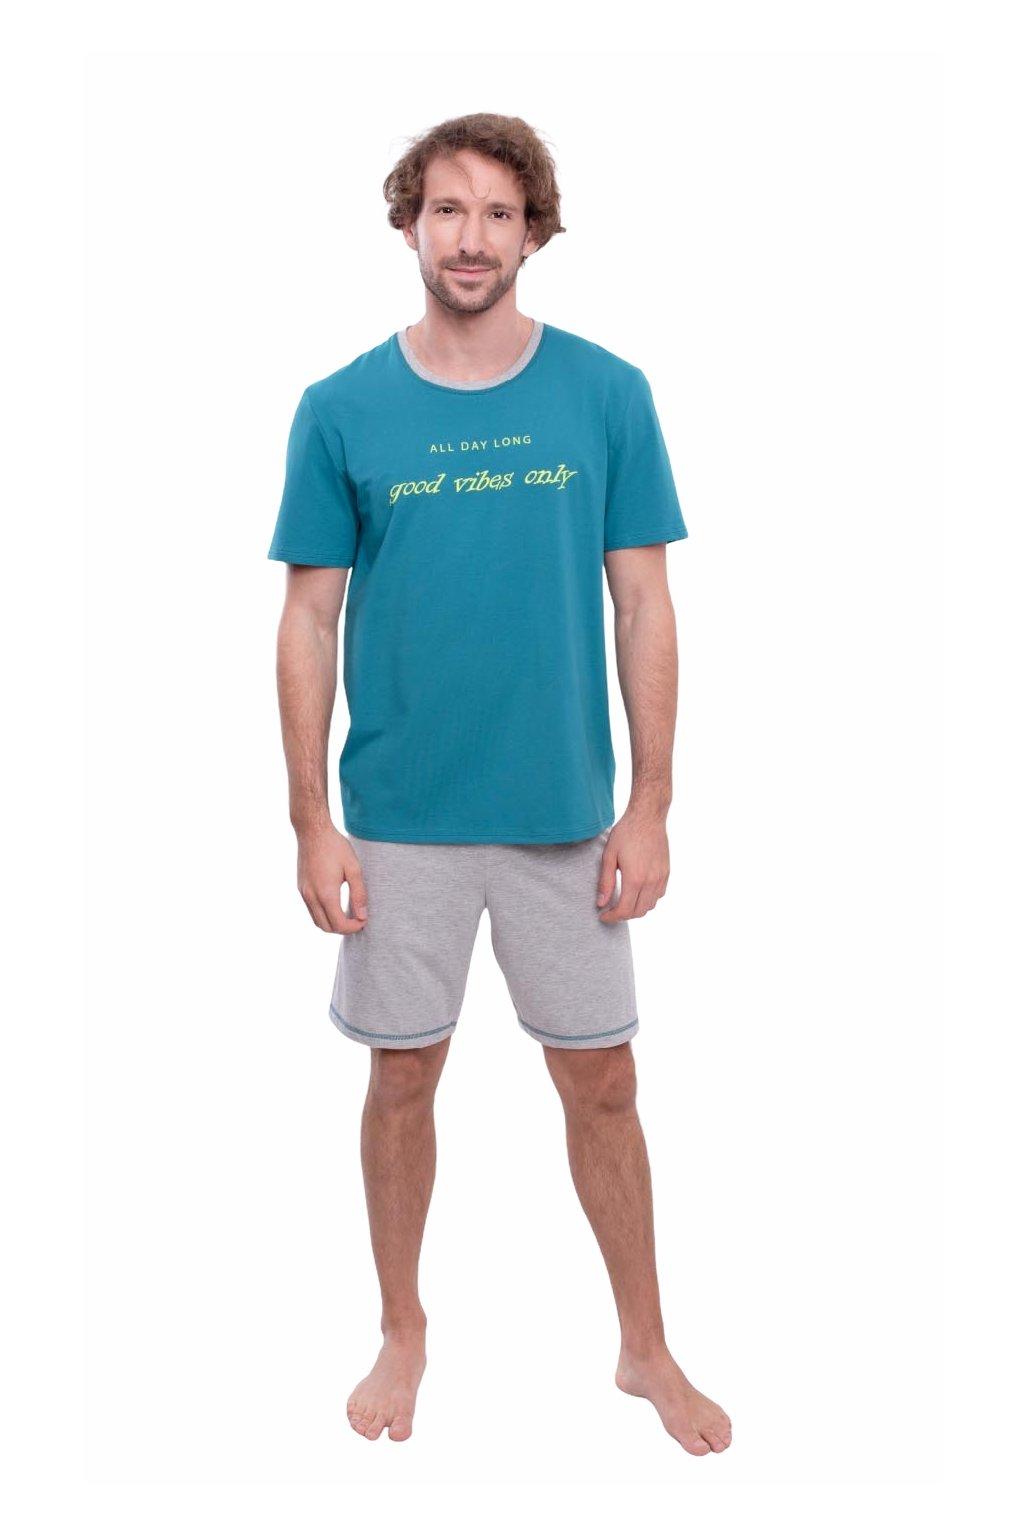 Pánské pyžamo s krátkým rukávem, 204145 323, tyrkysová